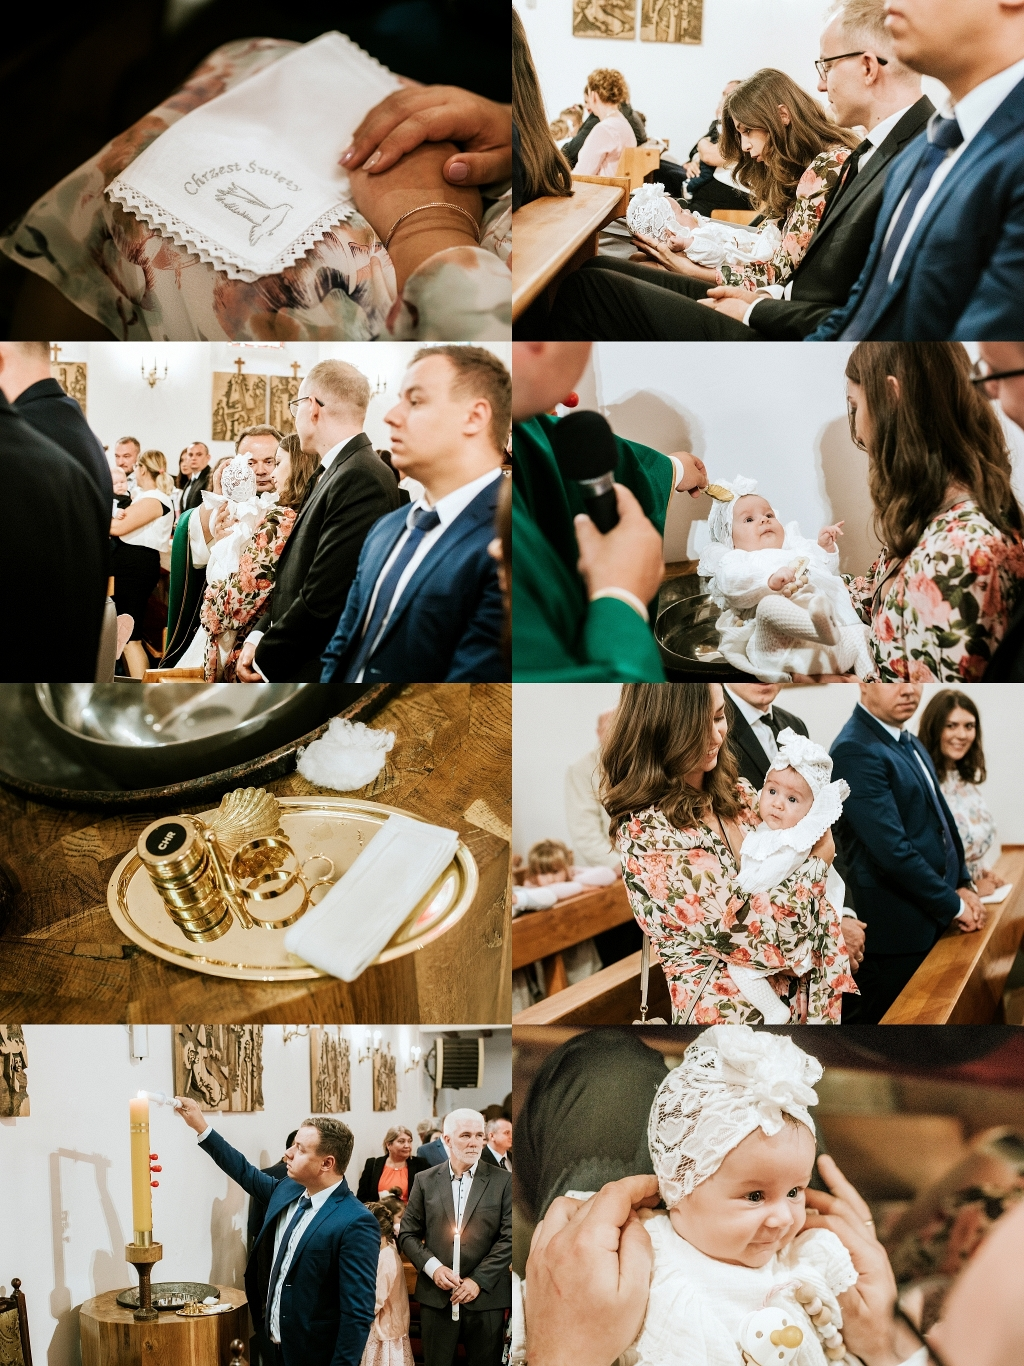 Sesja z okazji chrztu świętego w Szczecinie